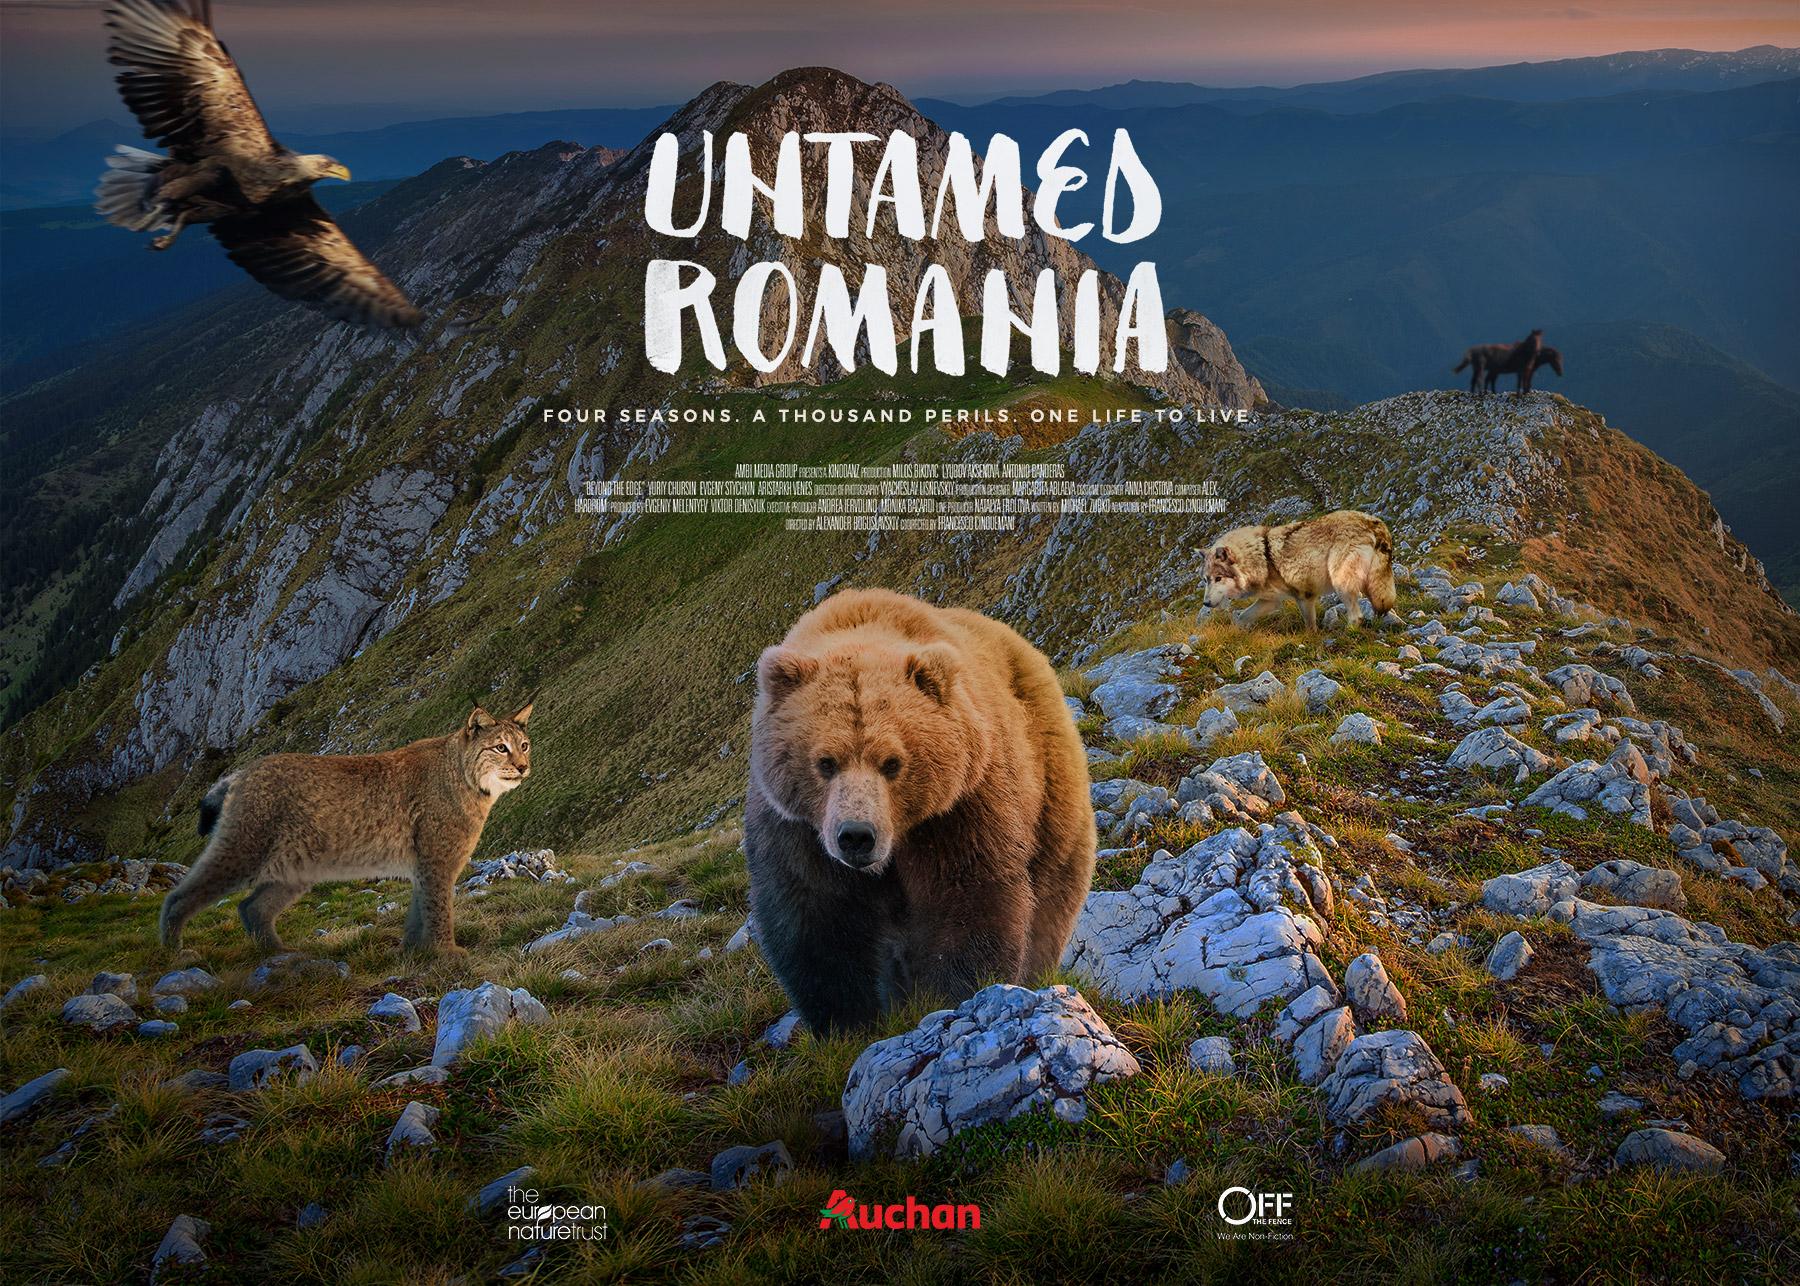 Romania_Neimblanzita_Poster_Landscape_Delivery_PSD.JPG